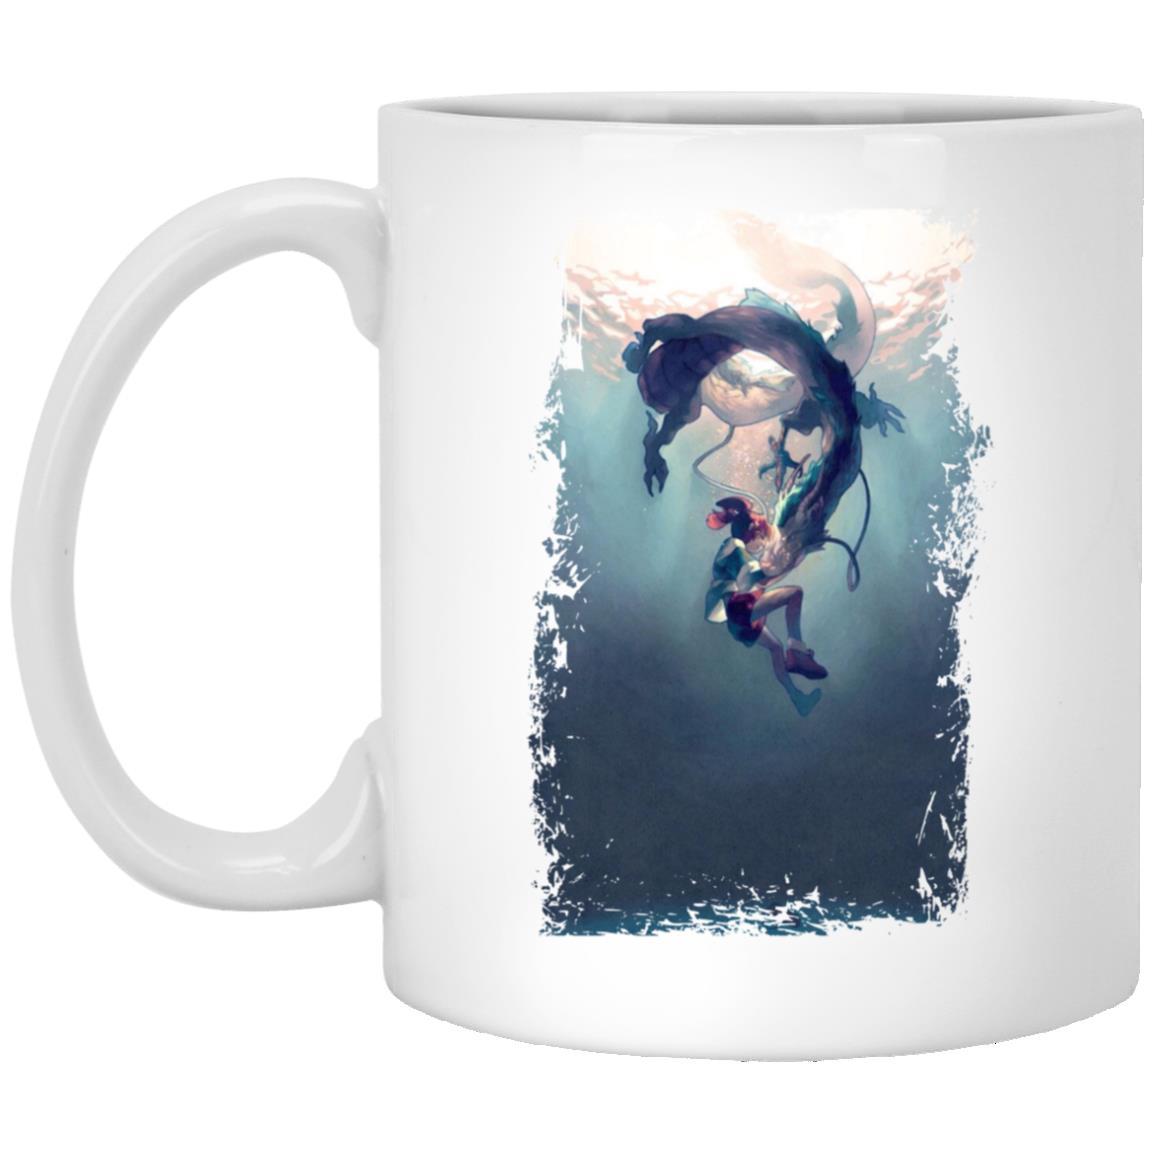 Spirited Away – Chihiro and Haku under the Water Mug